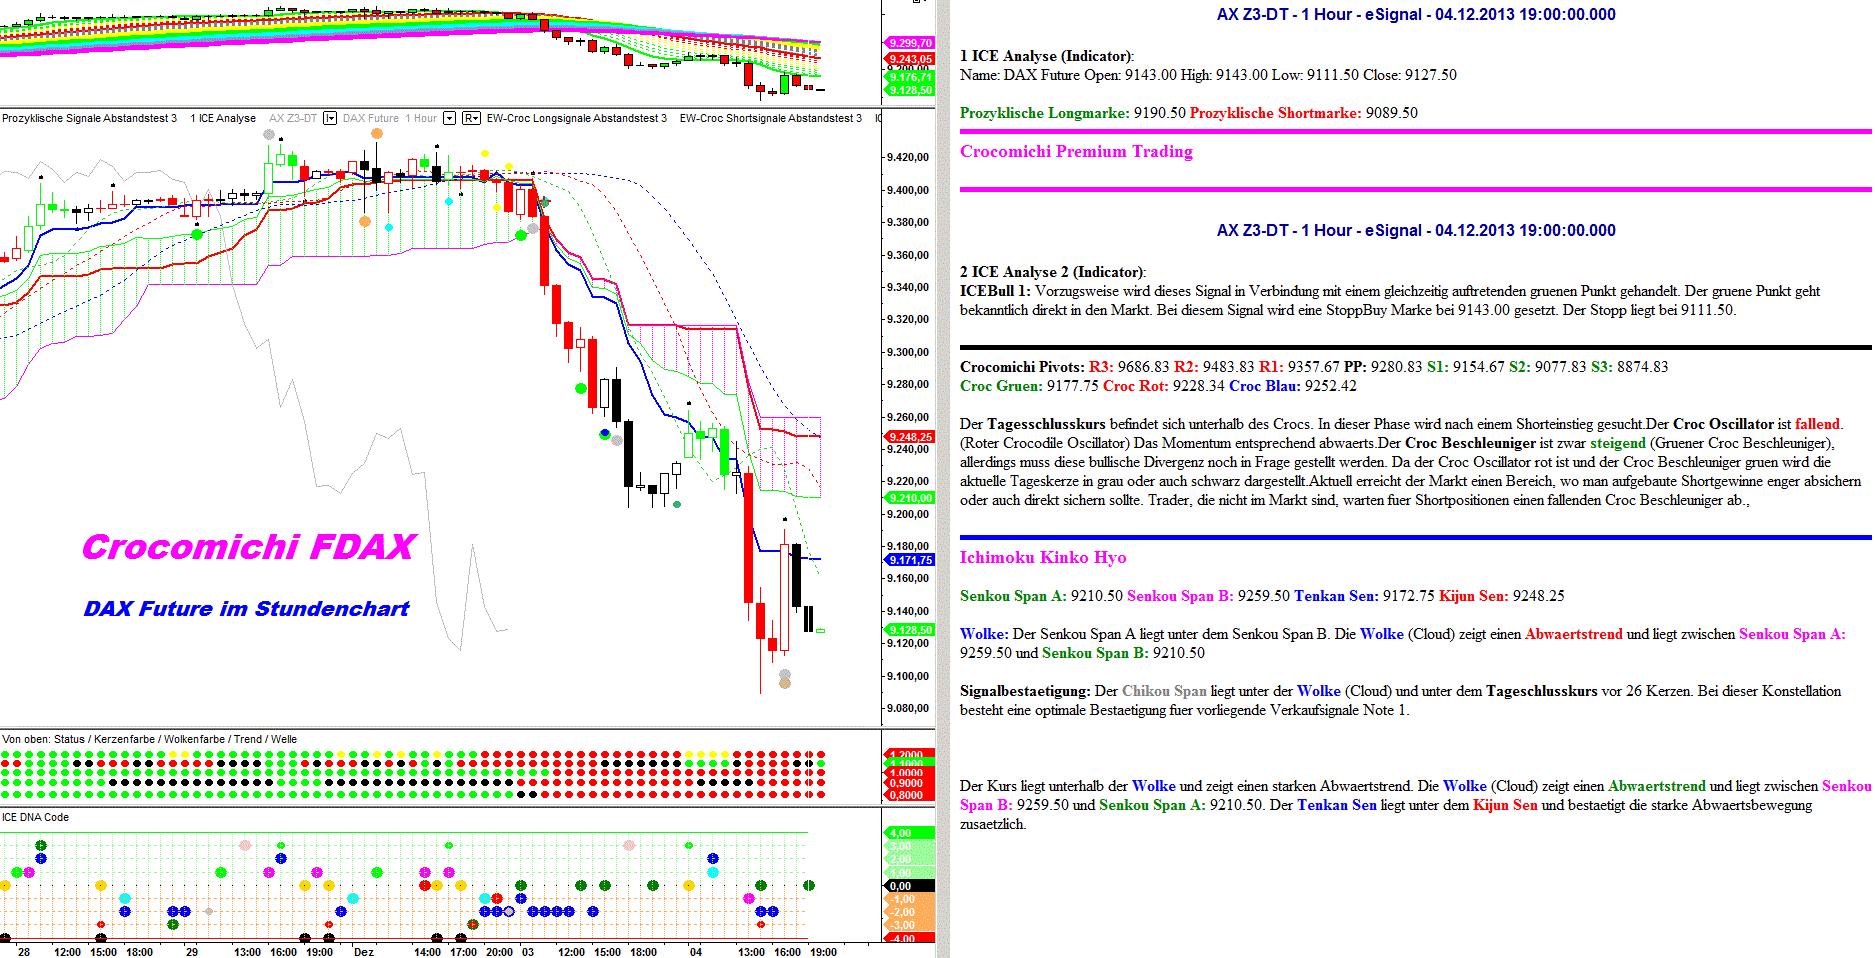 EW-Analyse-DAX-FUTURE-5-61-R-283-50-Punkte-2-auf-dem-Zähler-André-Tiedje-GodmodeTrader.de-2